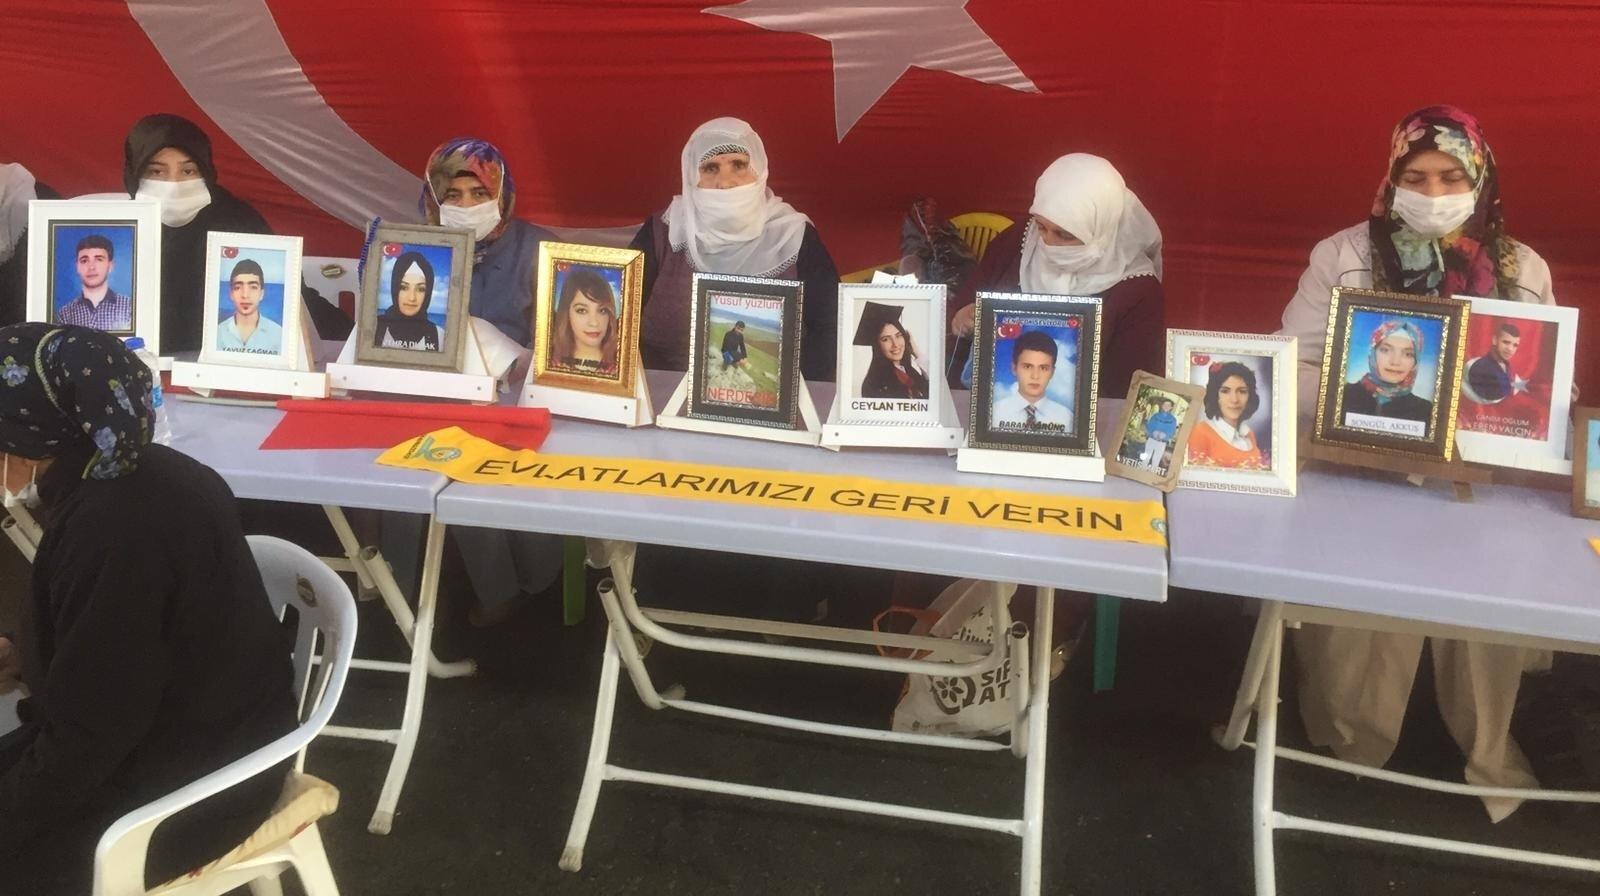 HDP Diyarbakır il binası önünde oturma eylemi başlatan ailelerin evlat nöbeti, 587'nci gününe girdi.